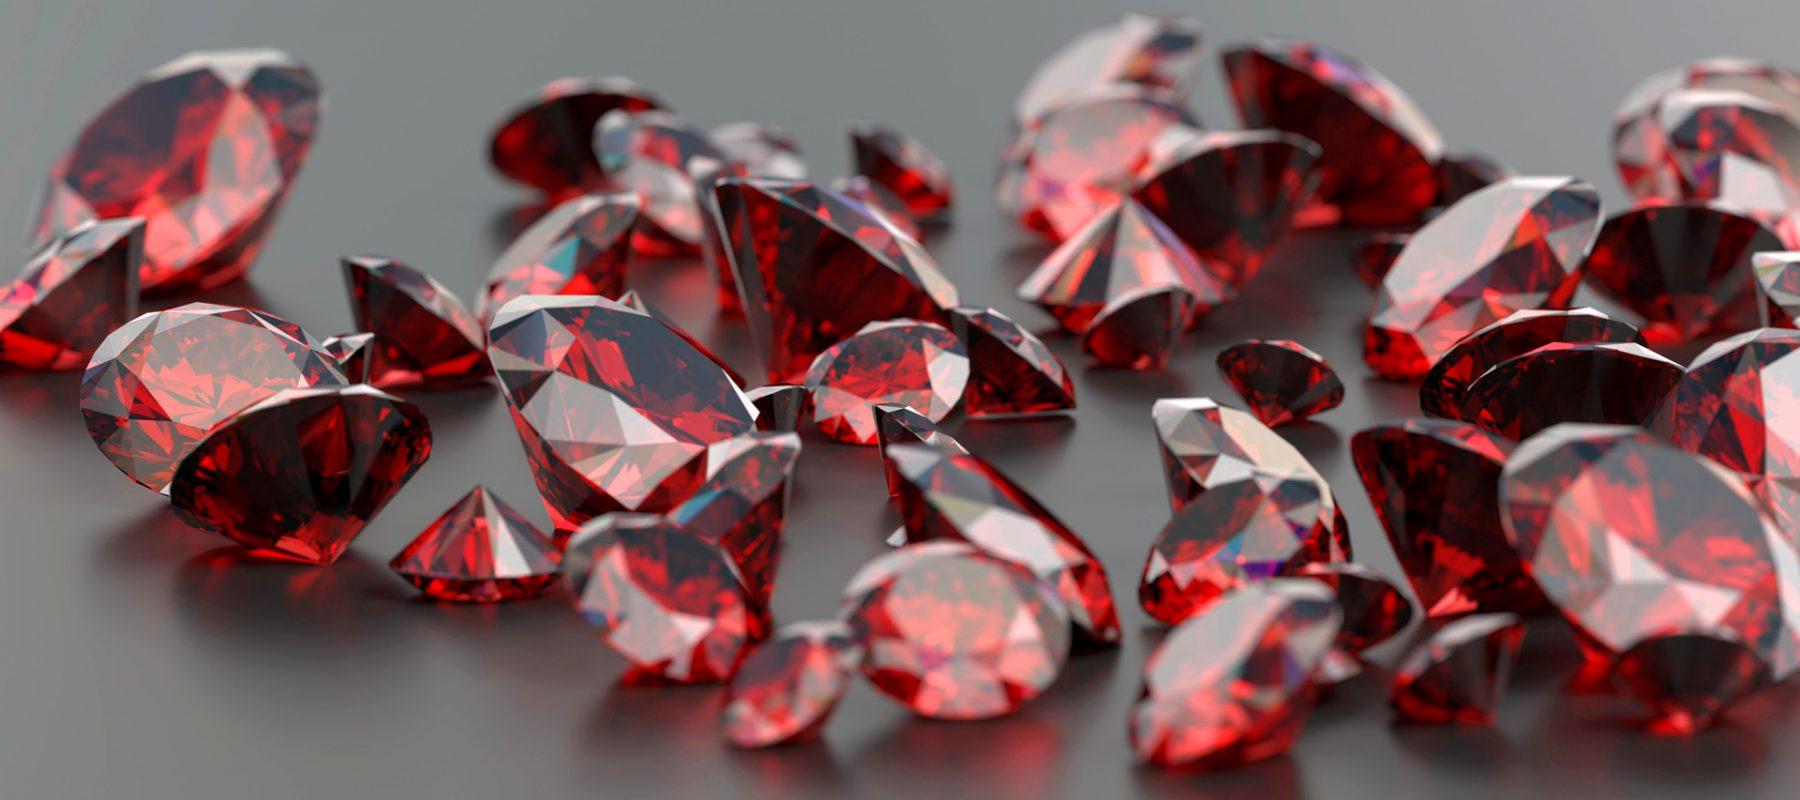 rubino-rubini-gioielleria-minotto-postioma-treviso